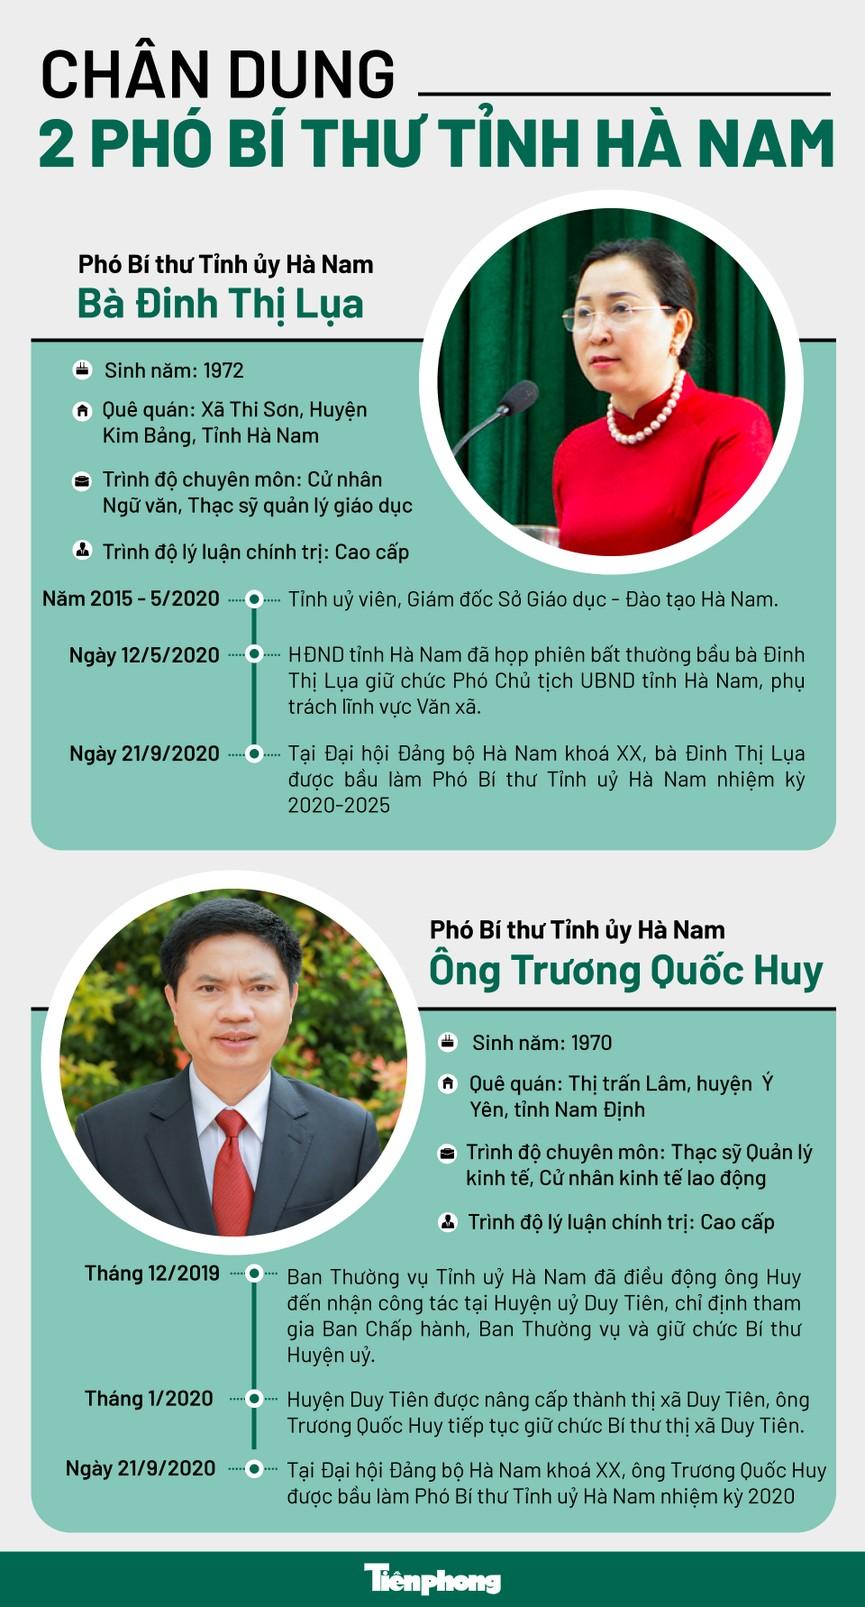 Chân dung 2 Phó Bí thư Tỉnh ủy Hà Nam - ảnh 1